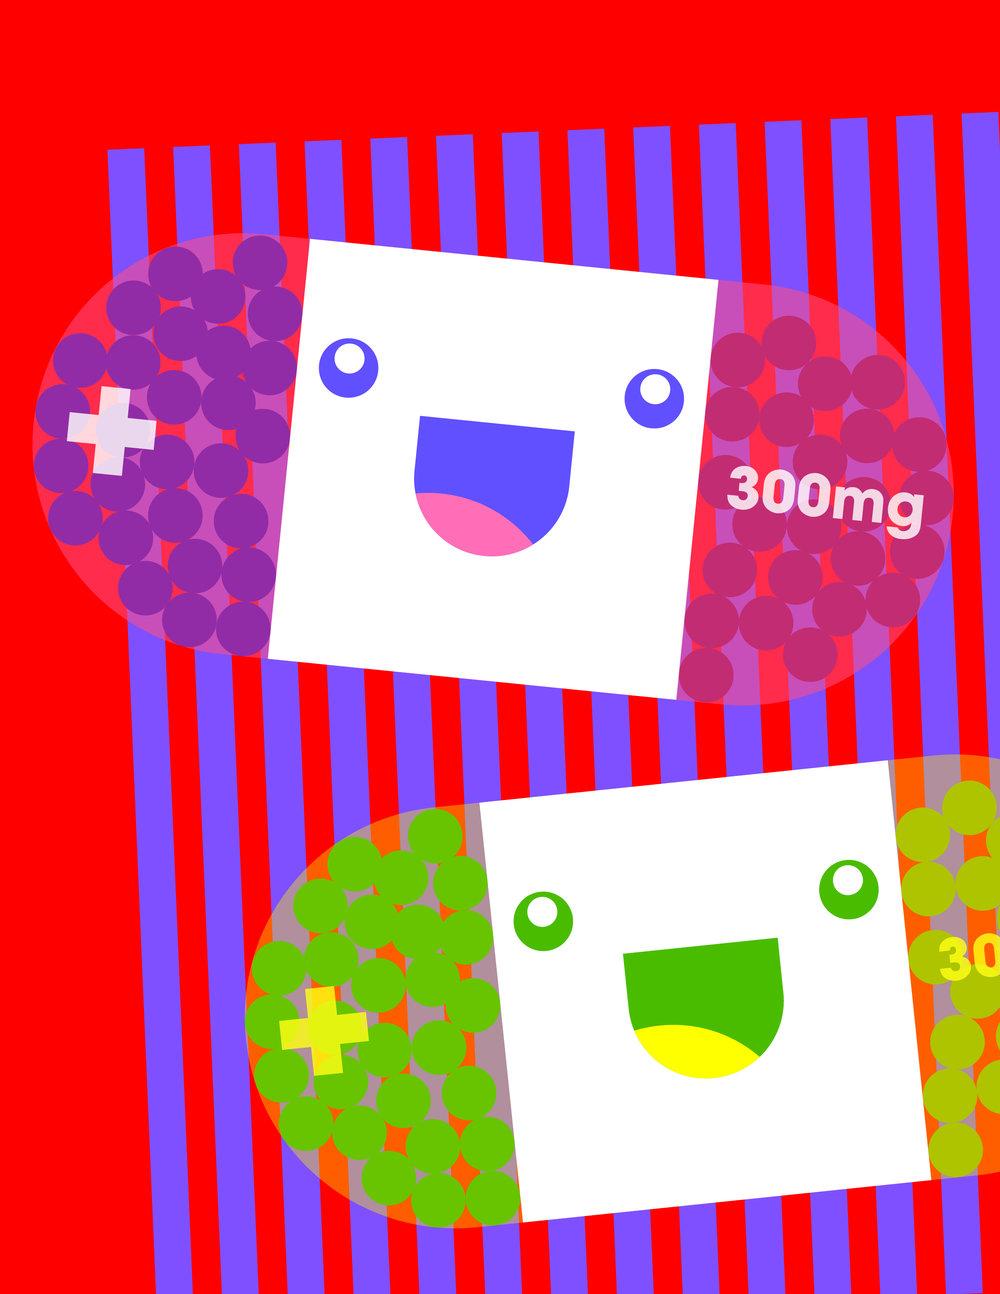 Pill-10.jpg